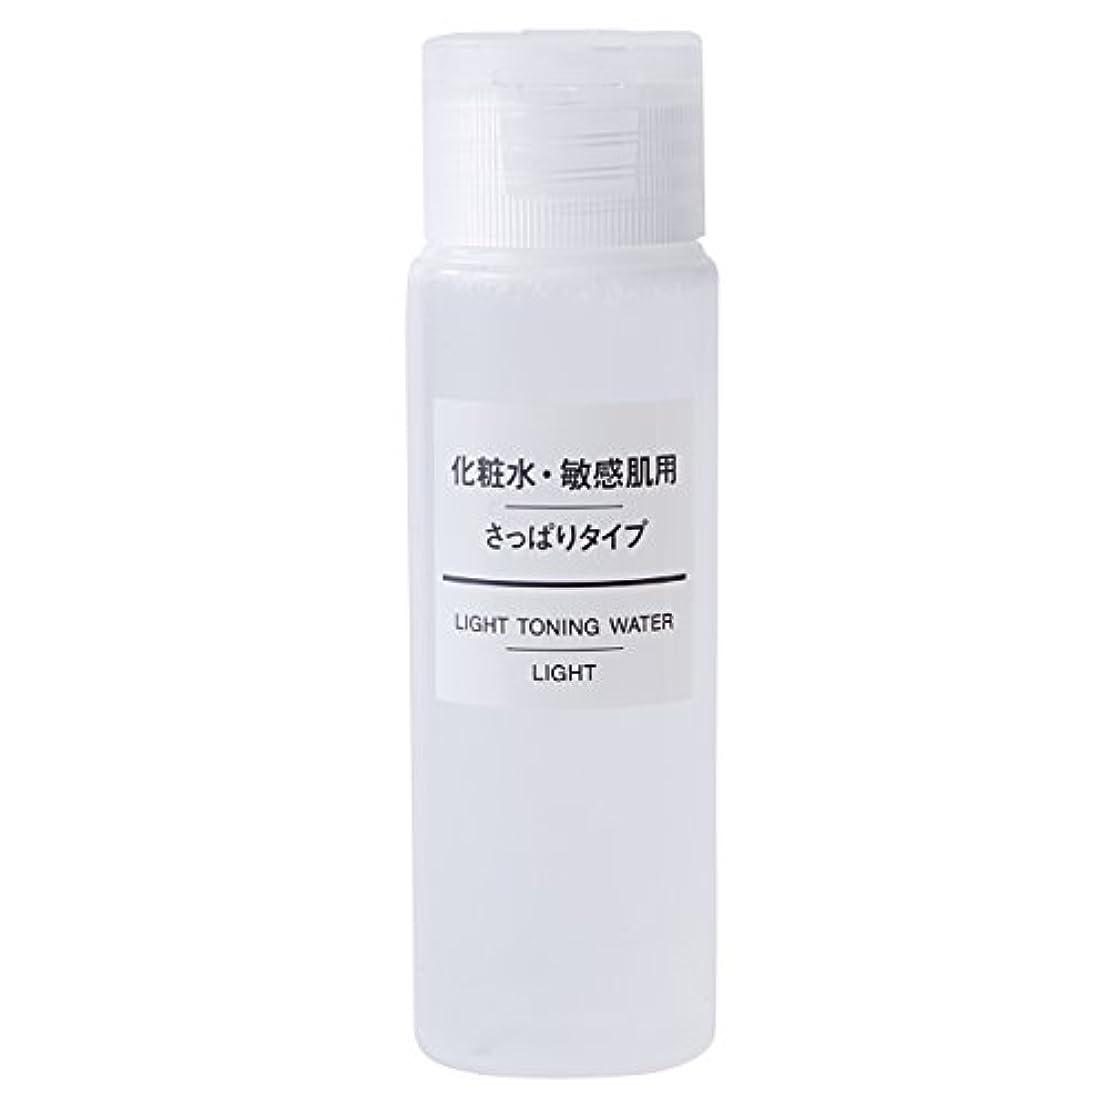 データ増加する必要性無印良品 化粧水 敏感肌用 さっぱりタイプ(携帯用) 50ml